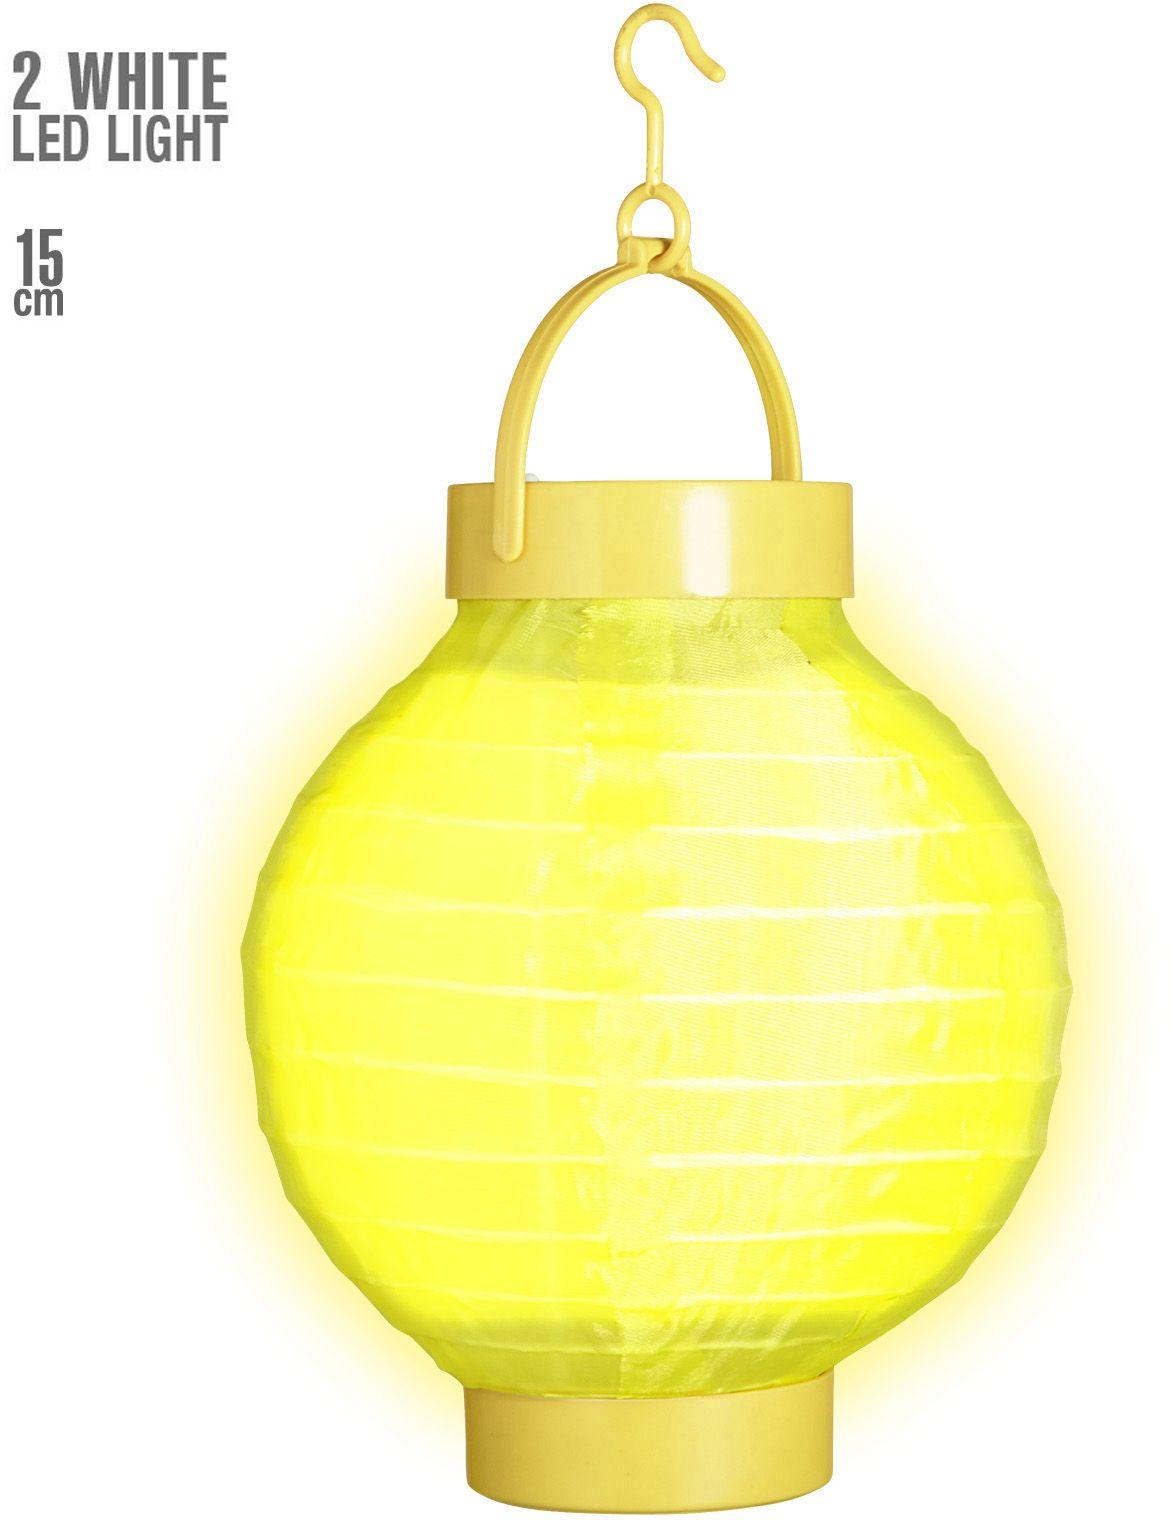 Gele stoffen lampion met 2 witte LED lichten